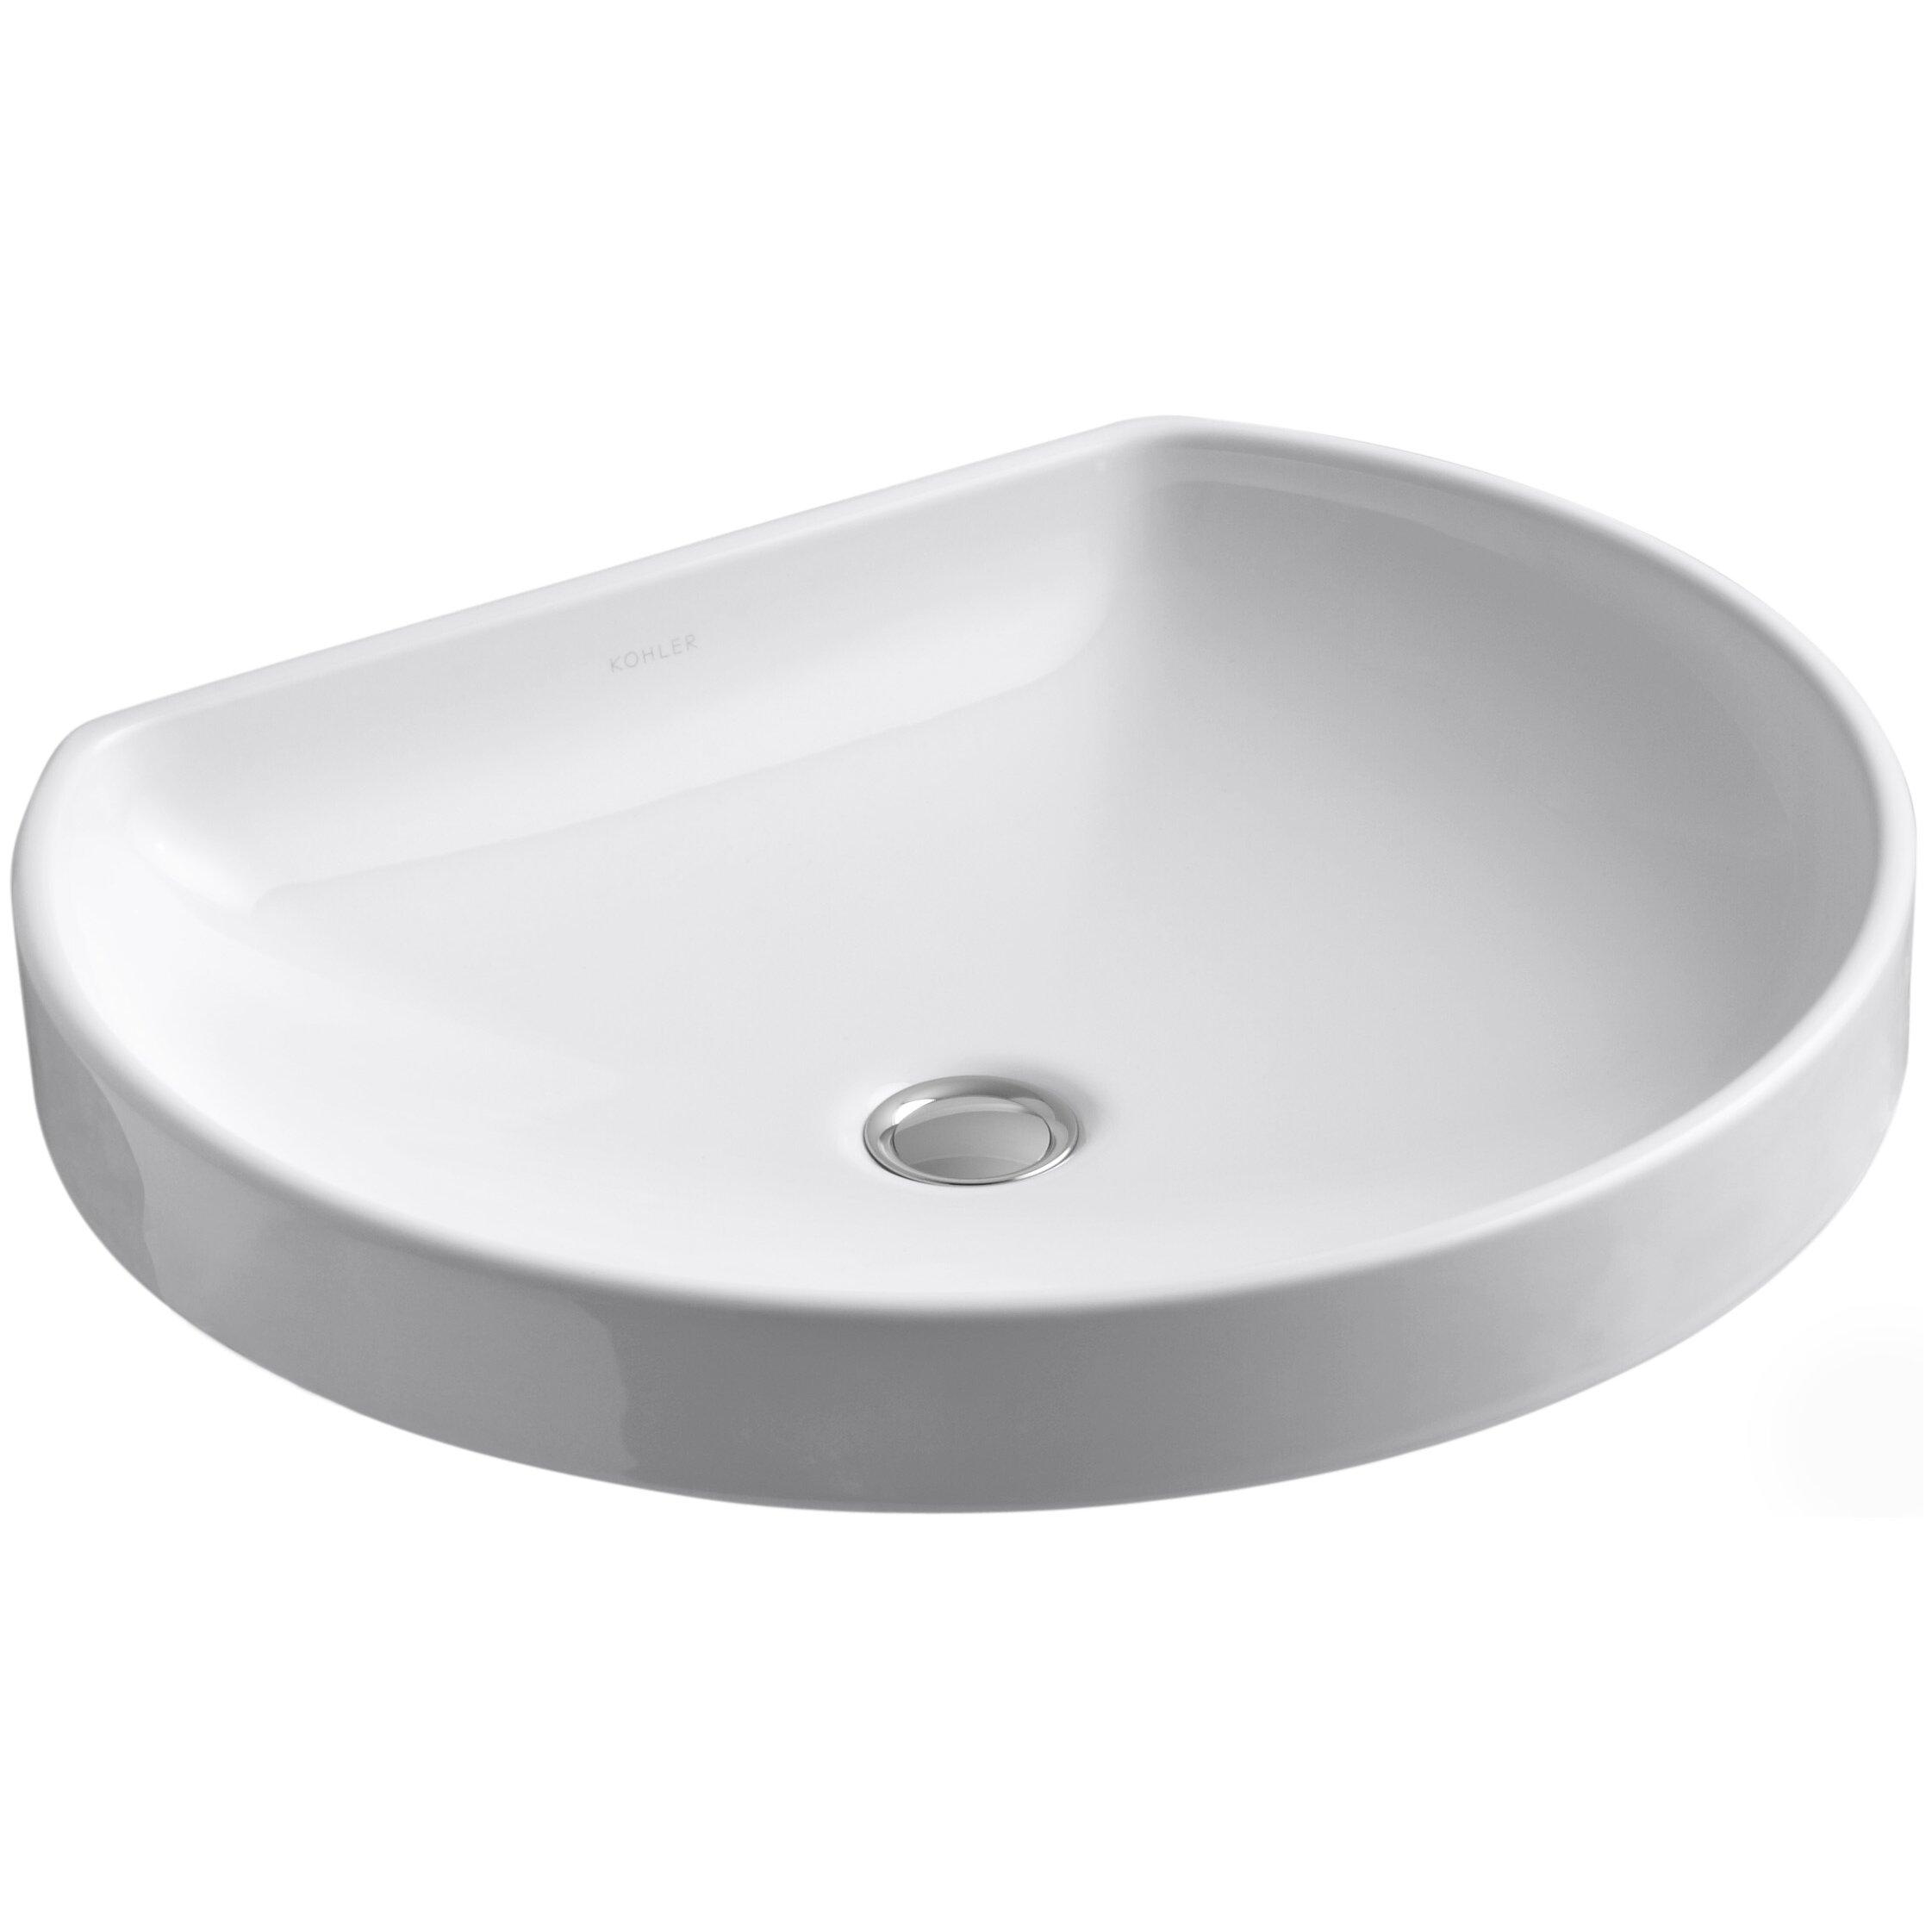 Kohler Watercove Wading Pool Drop In Bathroom Sink